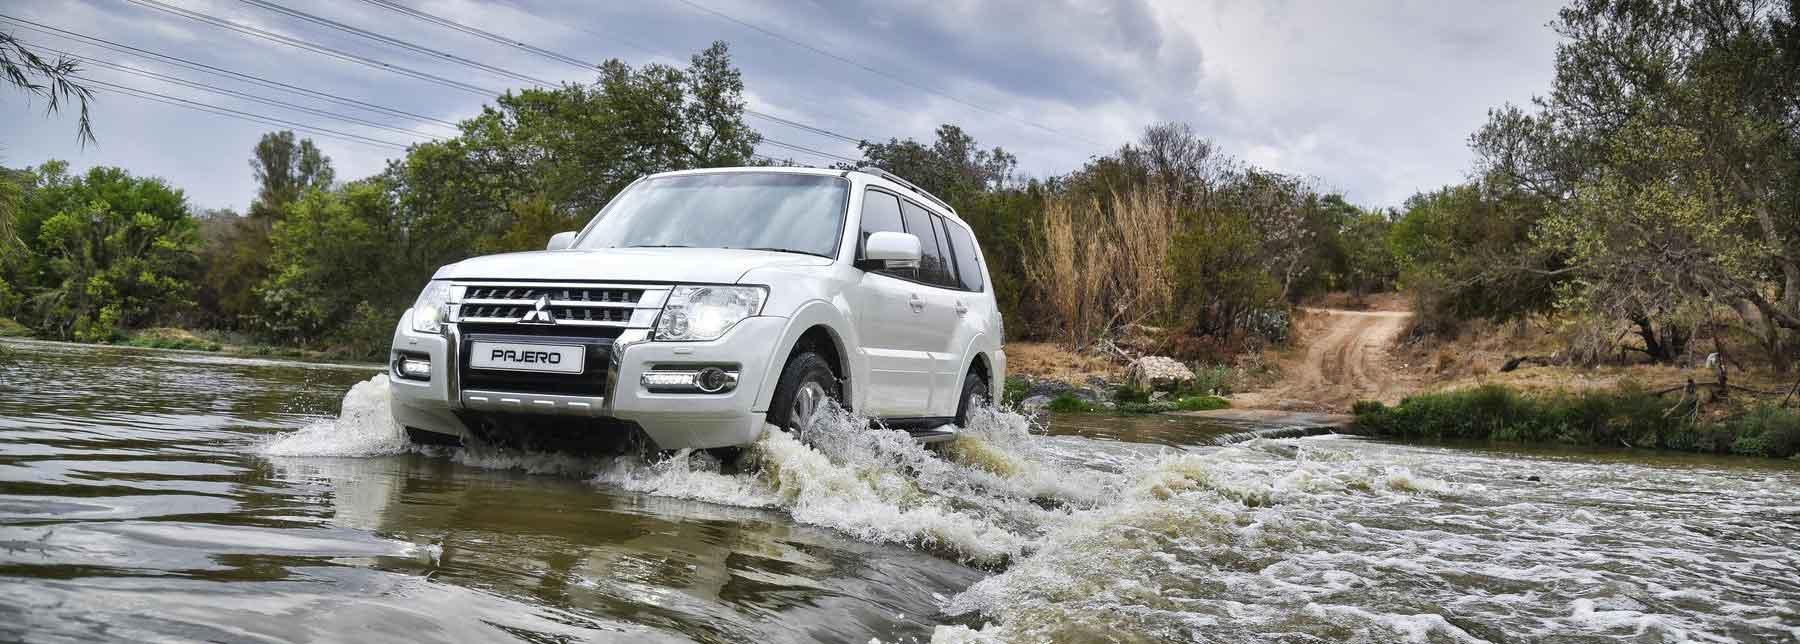 Mitsubishi announces Pajero Legend 100